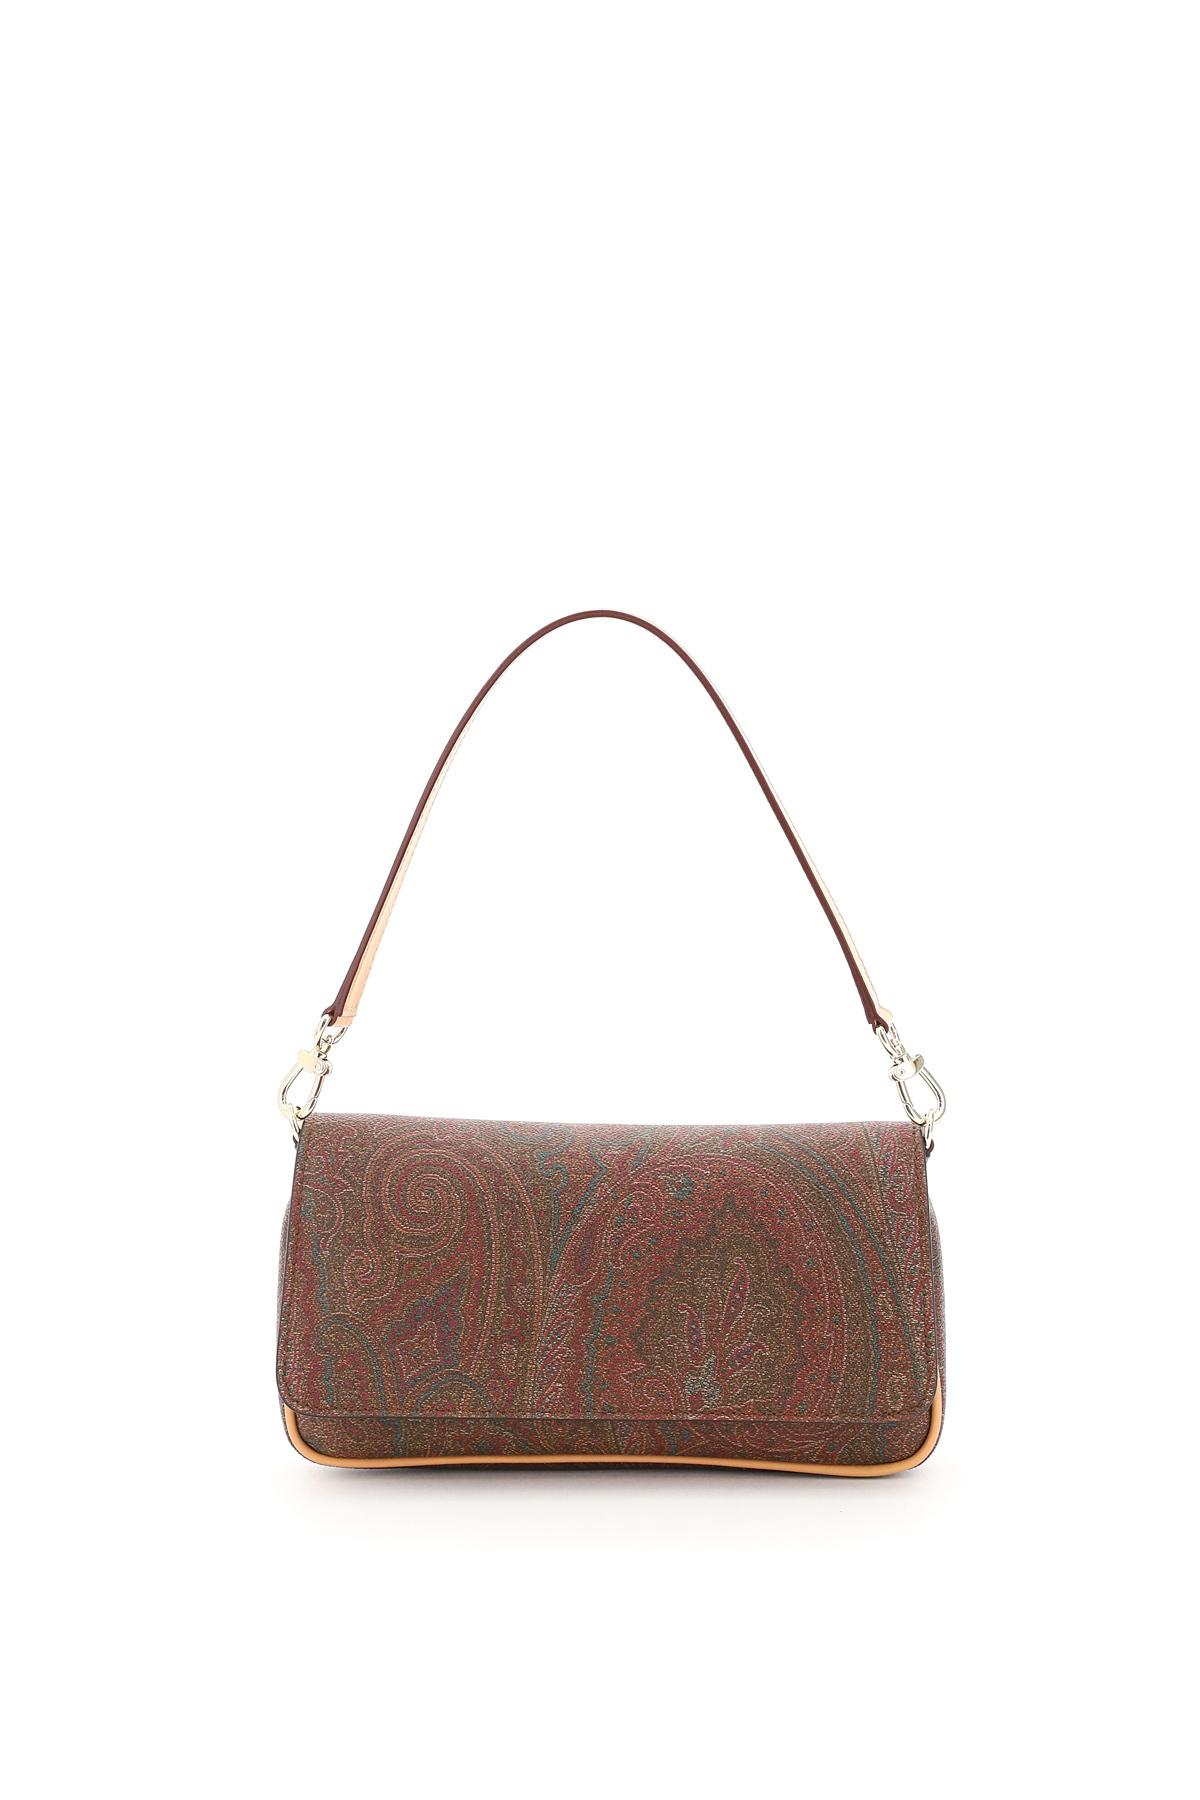 Etro mini bag paisley